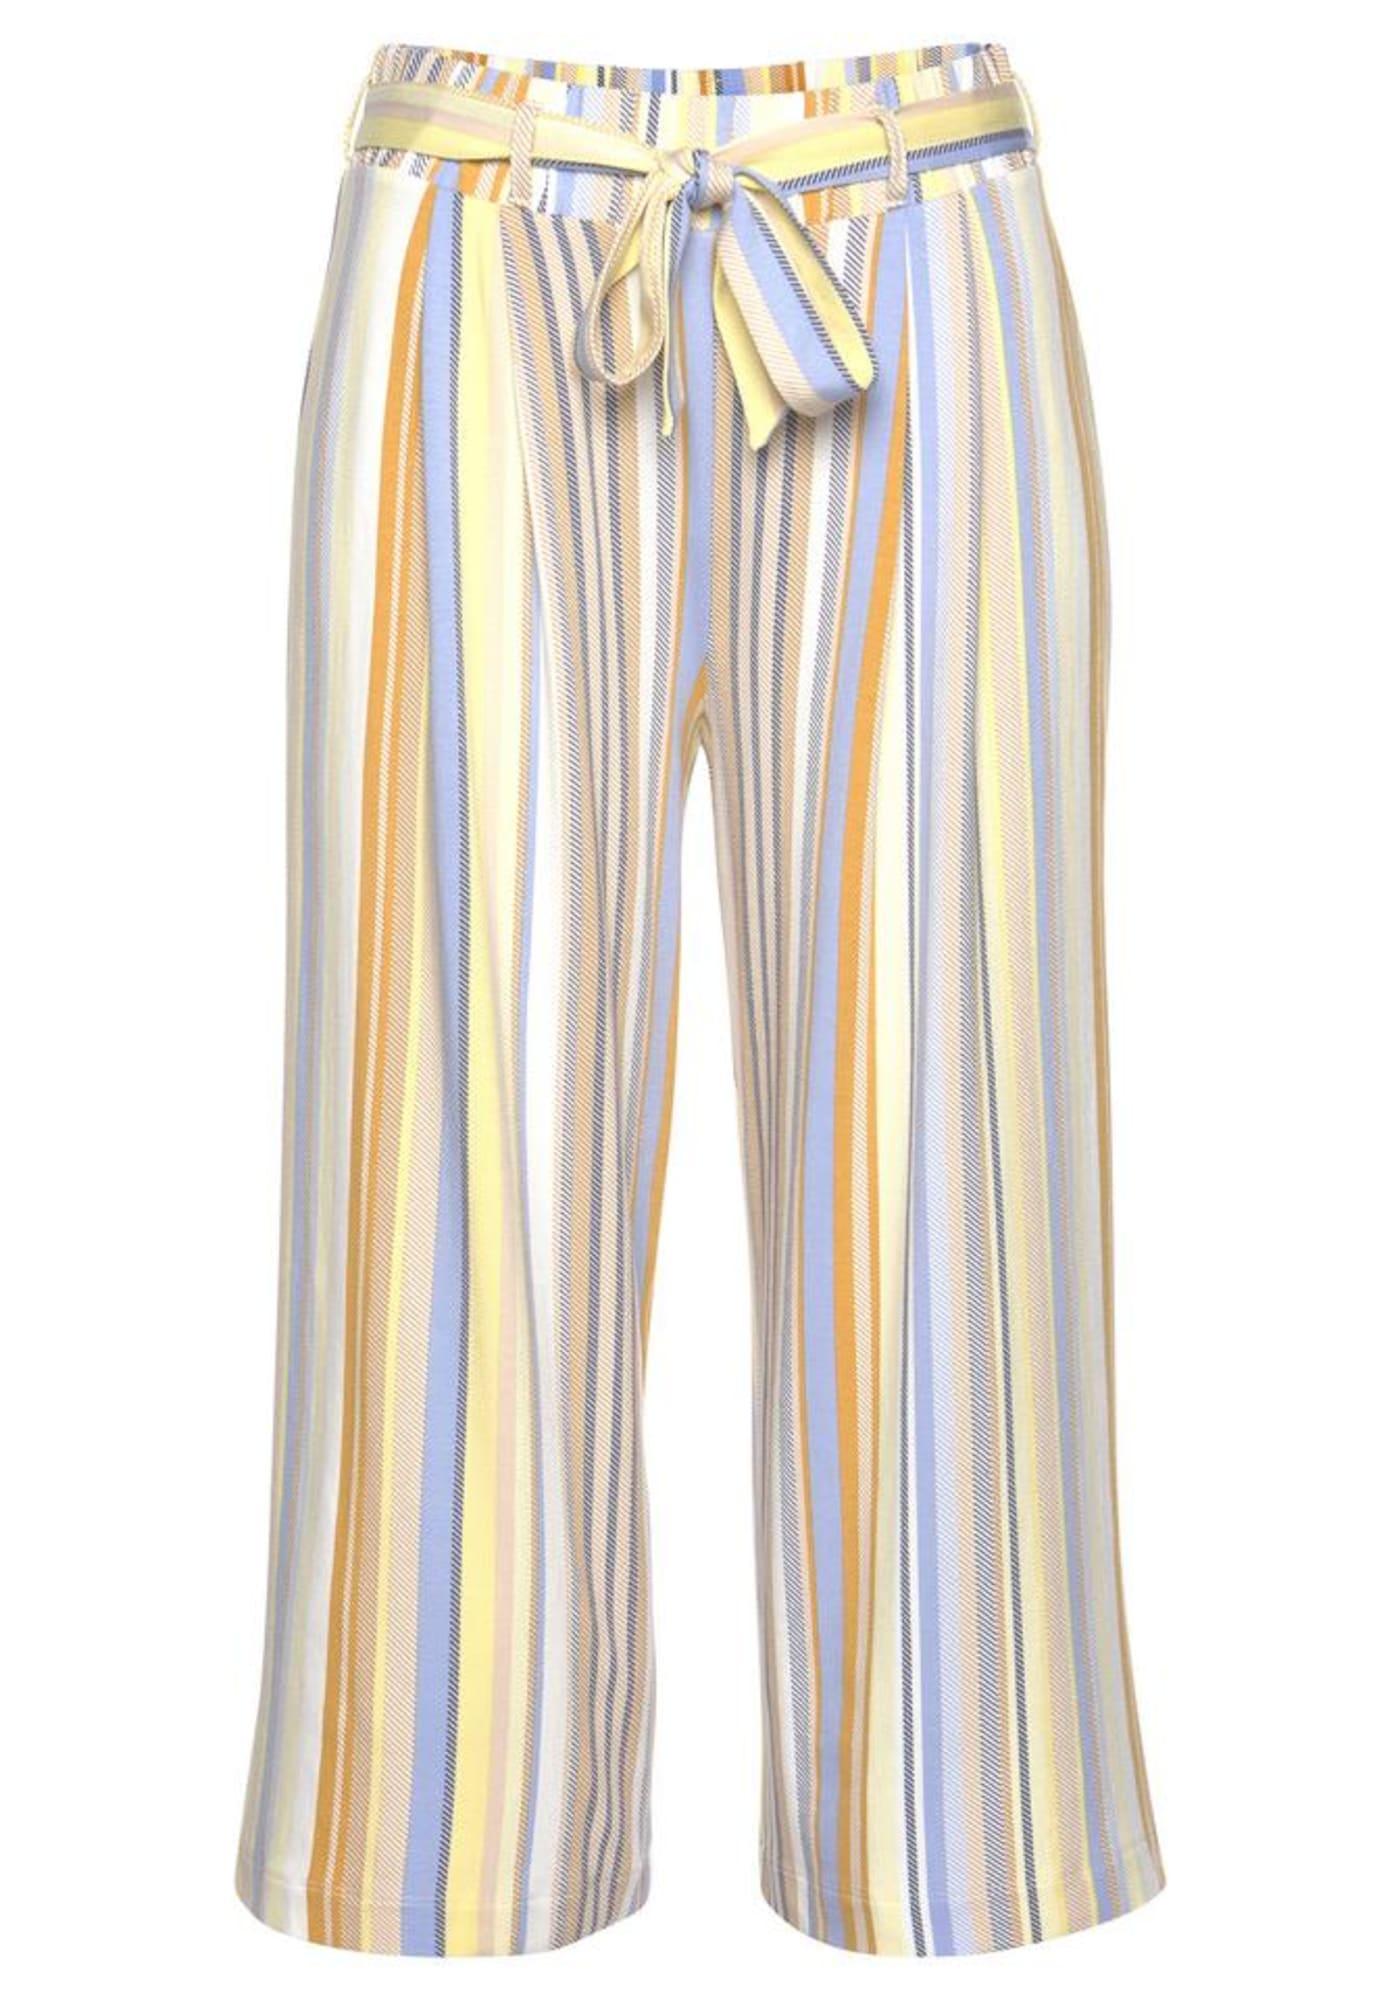 VENICE BEACH Klostuotos kelnės geltona / mėlyna / smėlio / mišrios spalvos